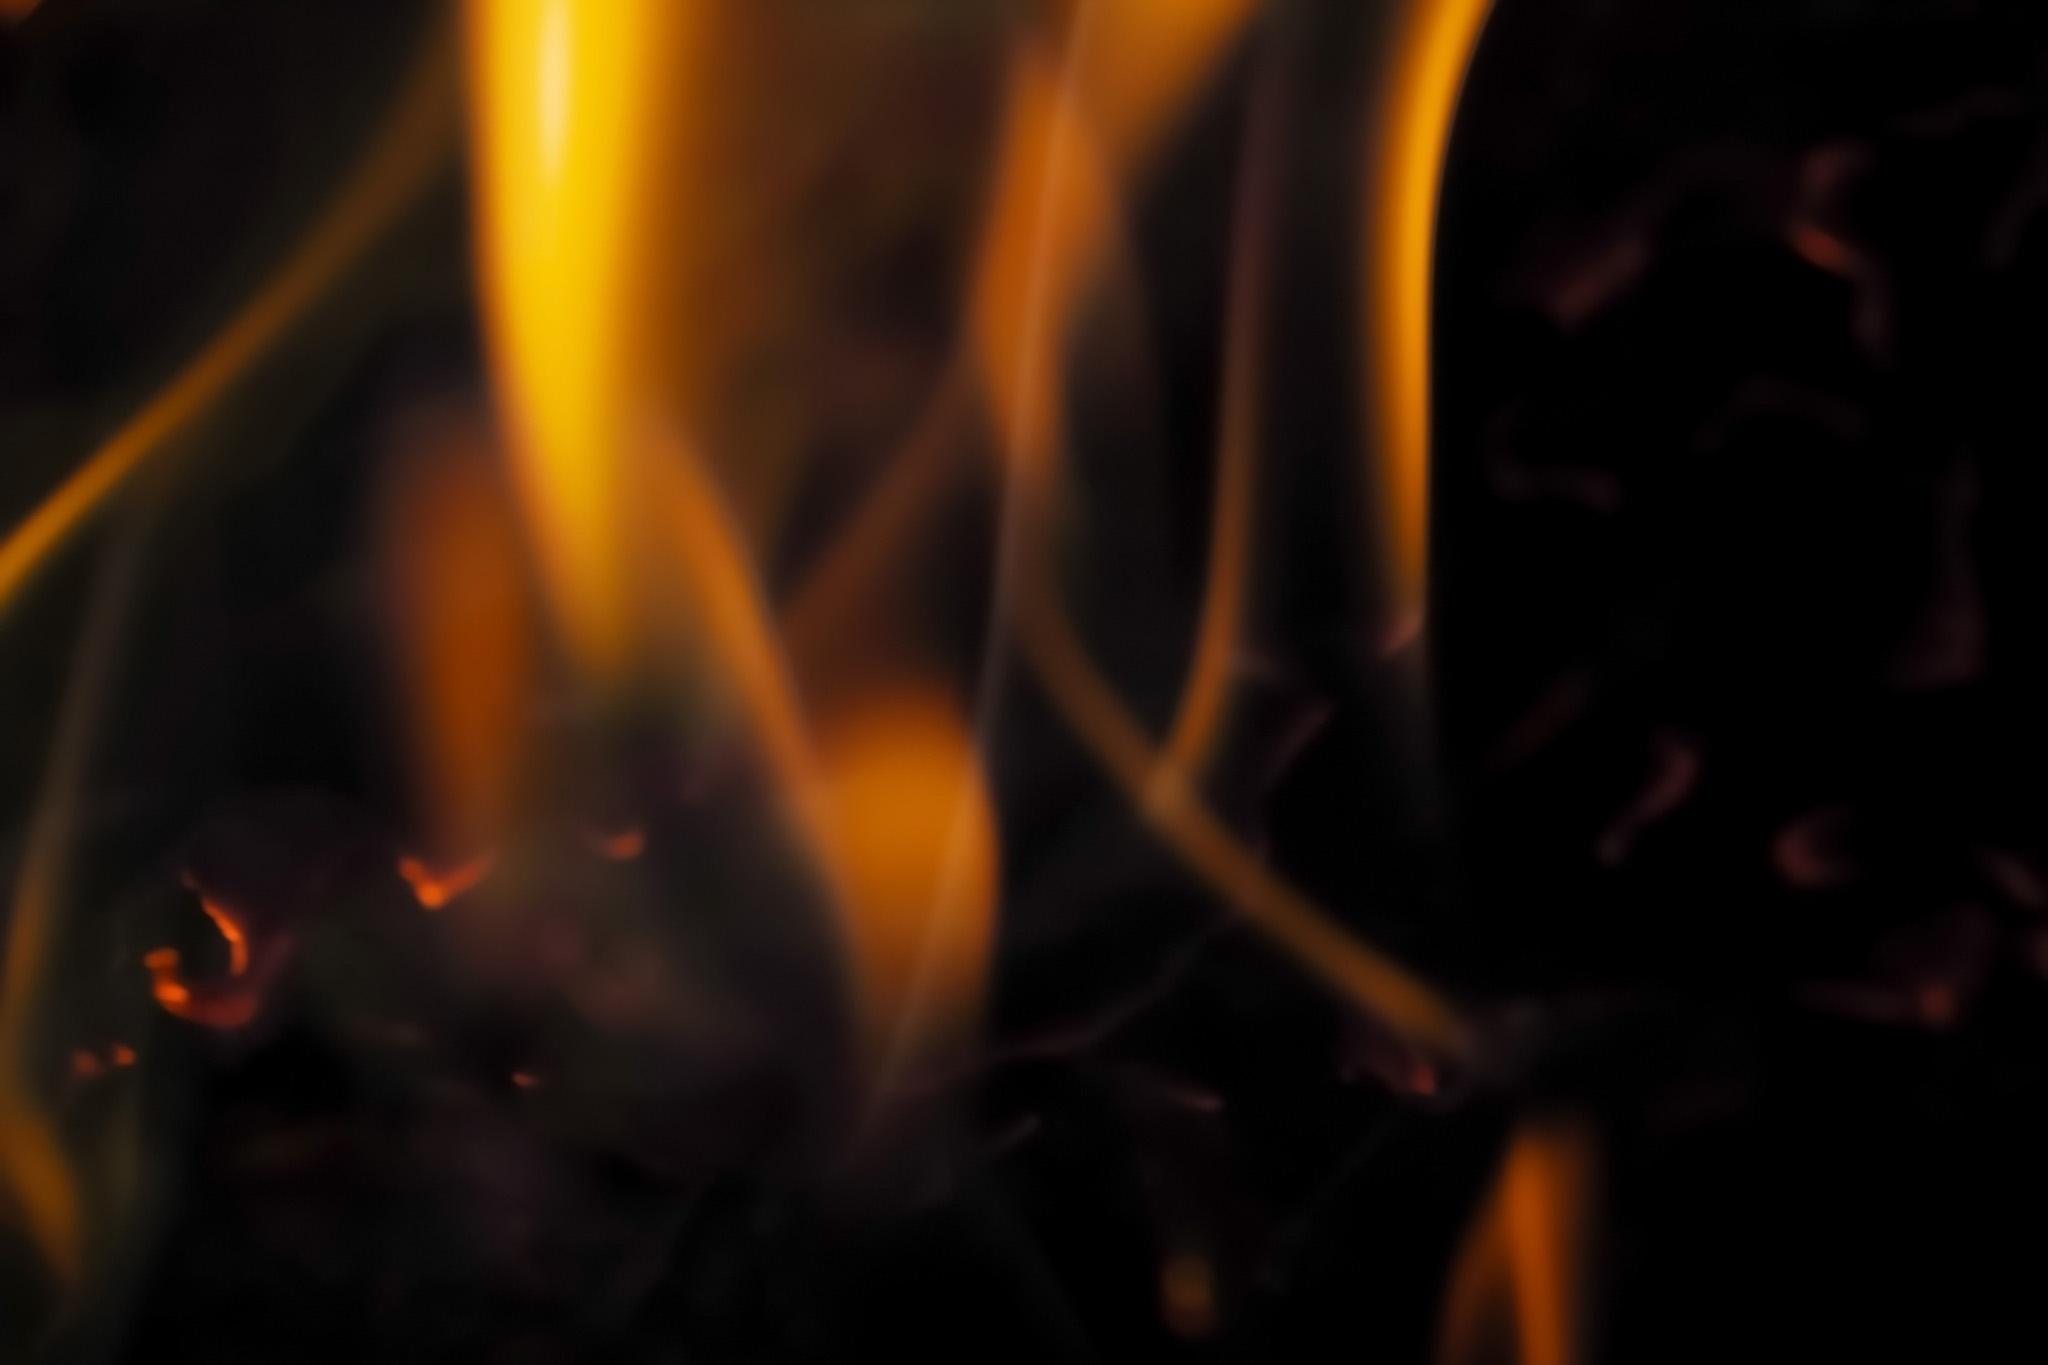 「燃える炎」の背景を無料ダウンロード